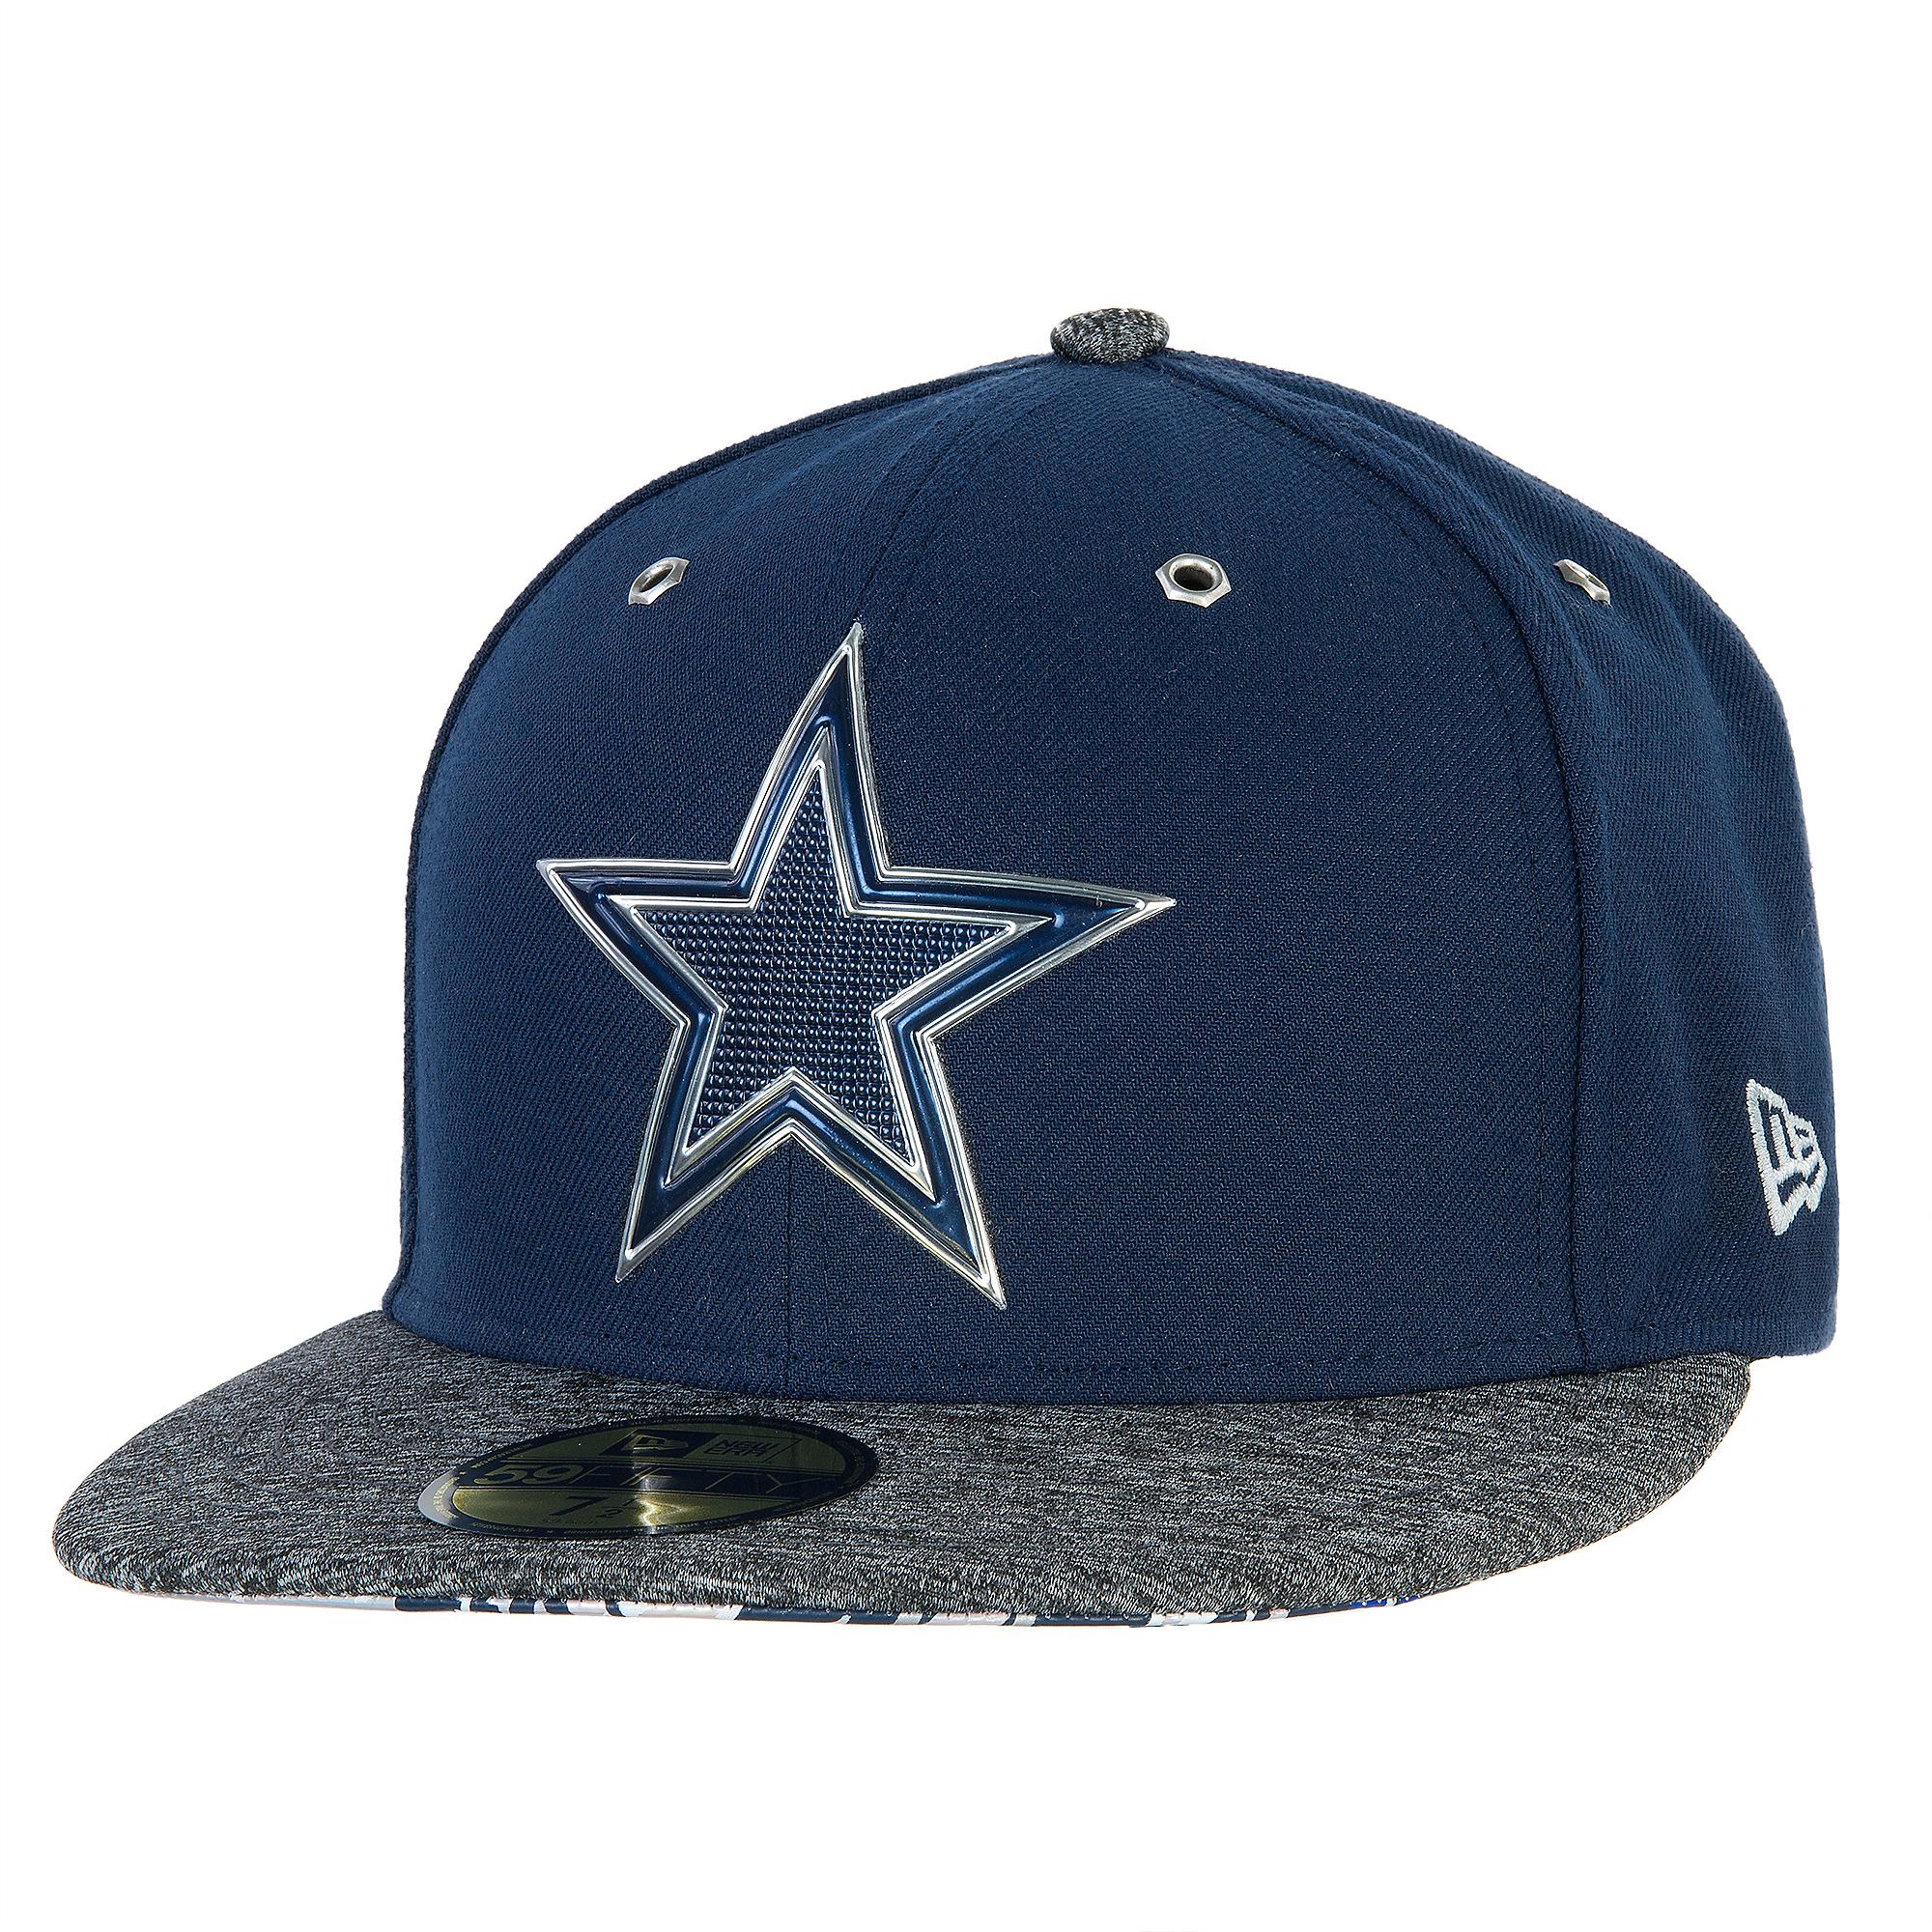 ... Dallas Cowboys New Era 2016 Mens On Field Draft 59Fifty Cap ... e13e6d98c